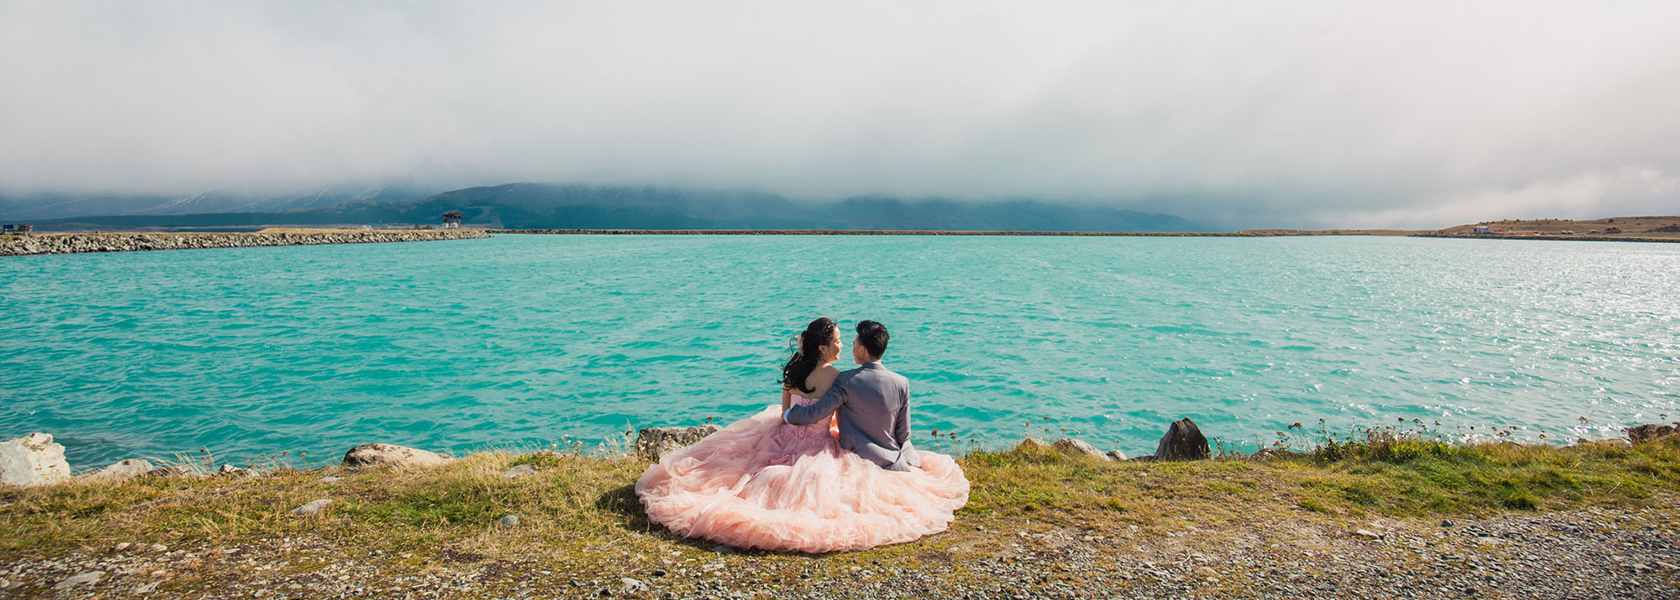 Lake tekapo pre wedding shoot 2